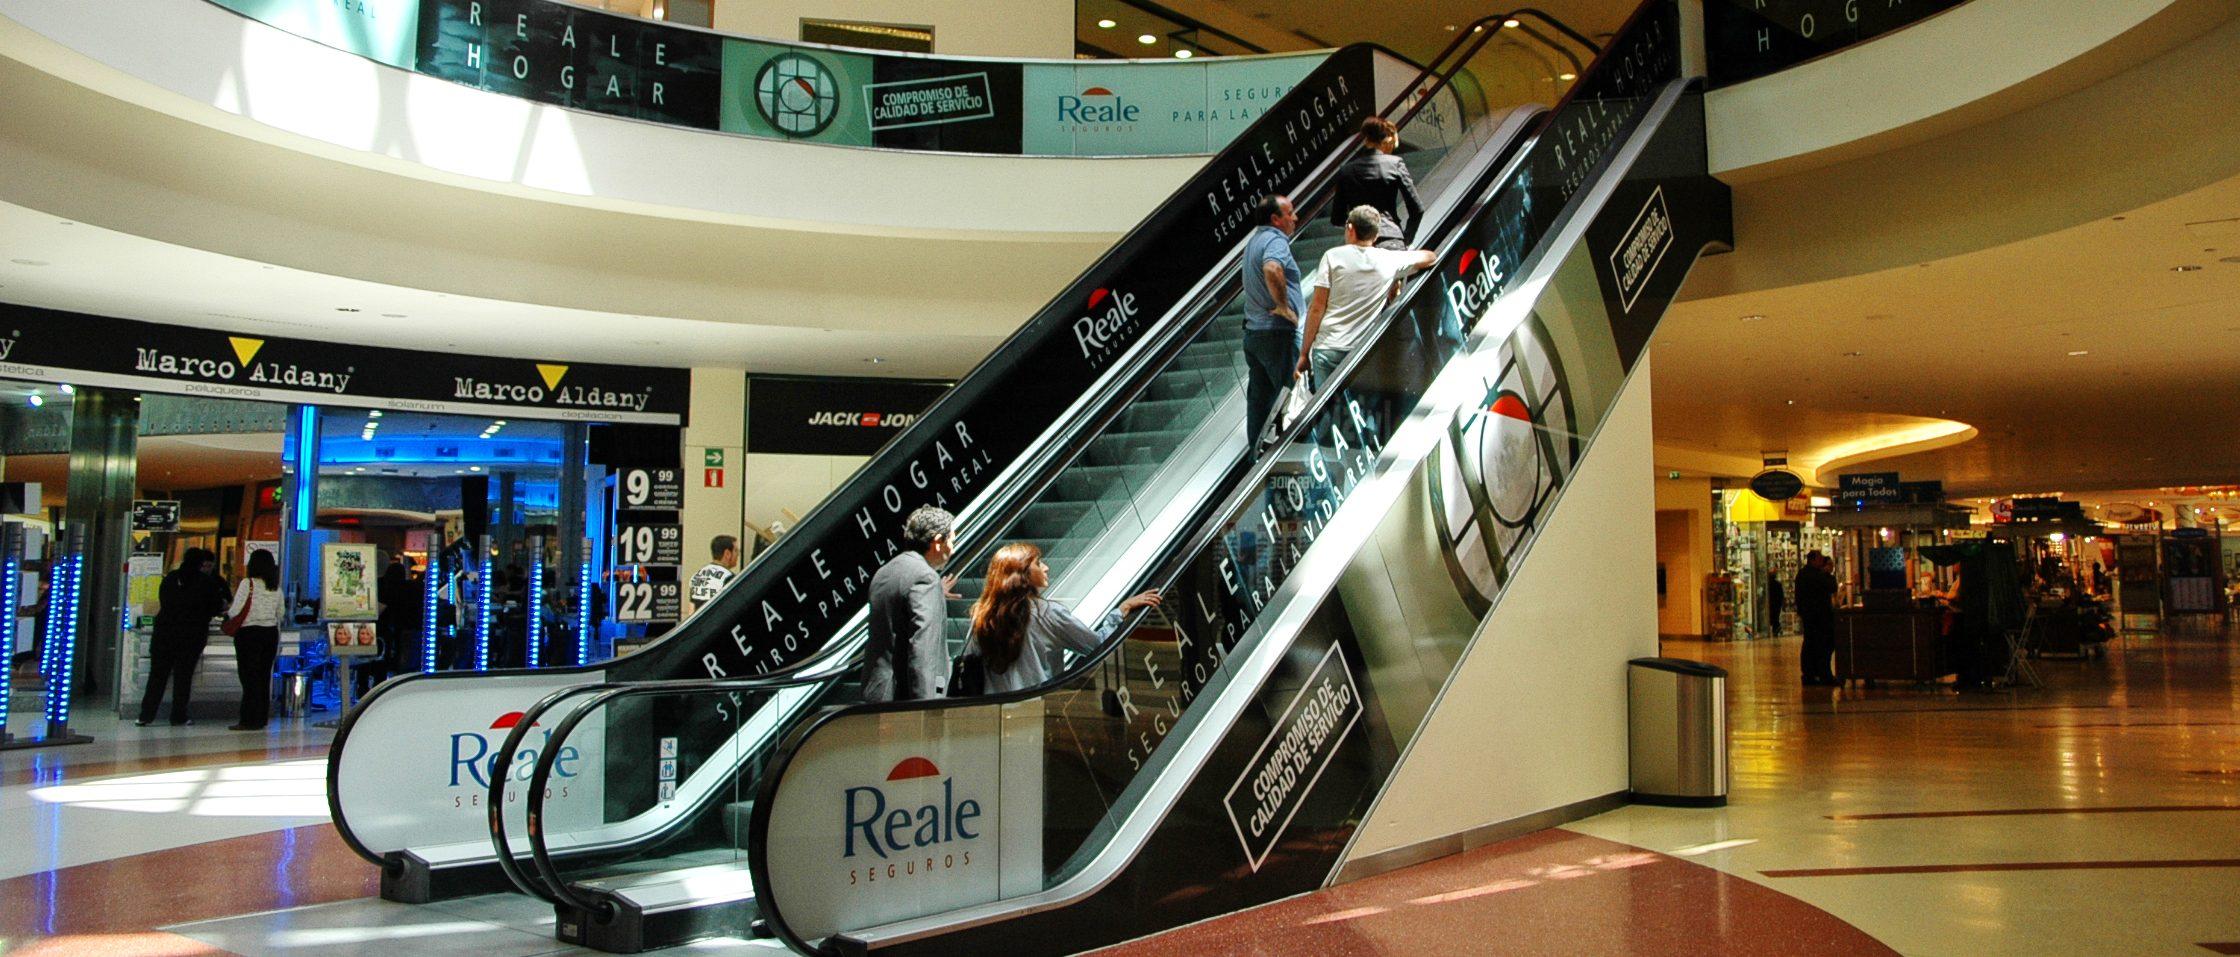 Publicidad de Reale en escaleras de centro comercial